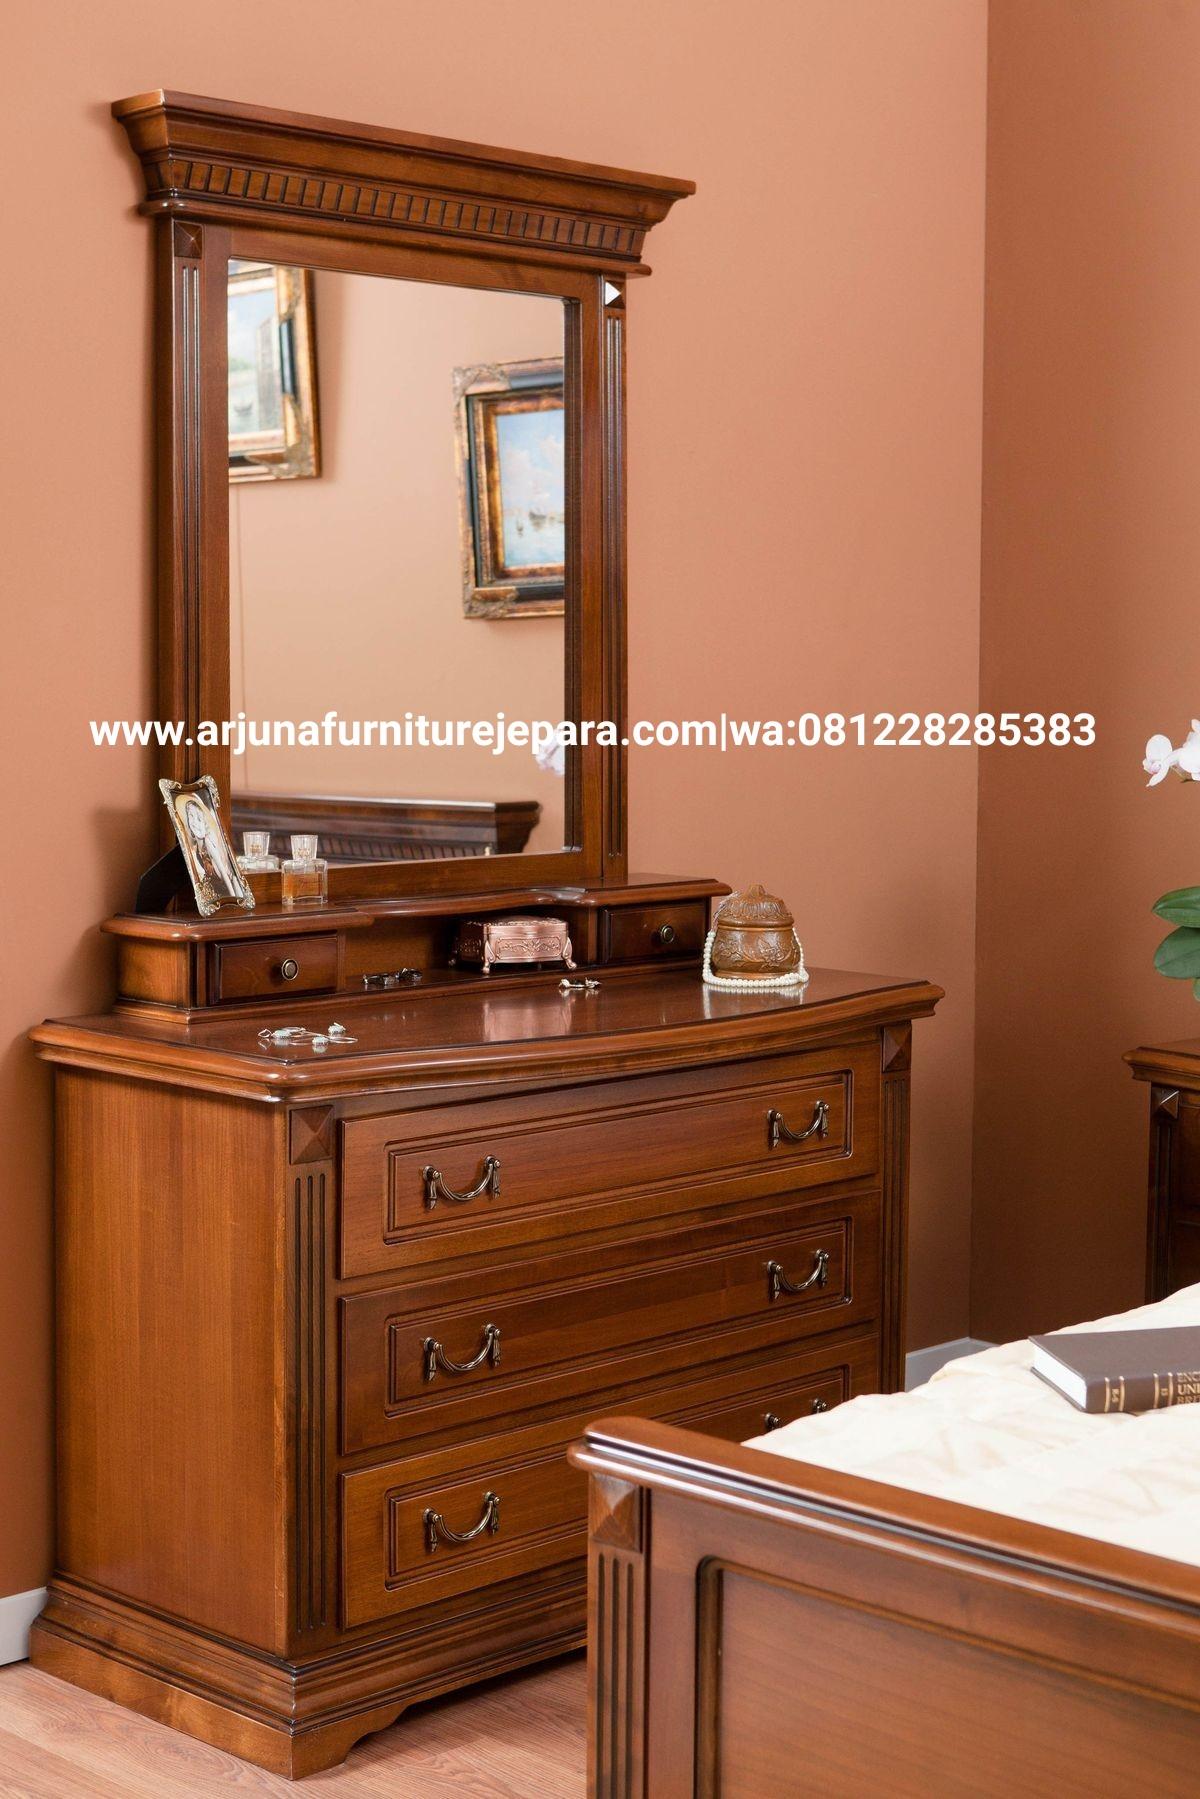 Meja Rias Kayu Jati Minimalis Furniture Jepara